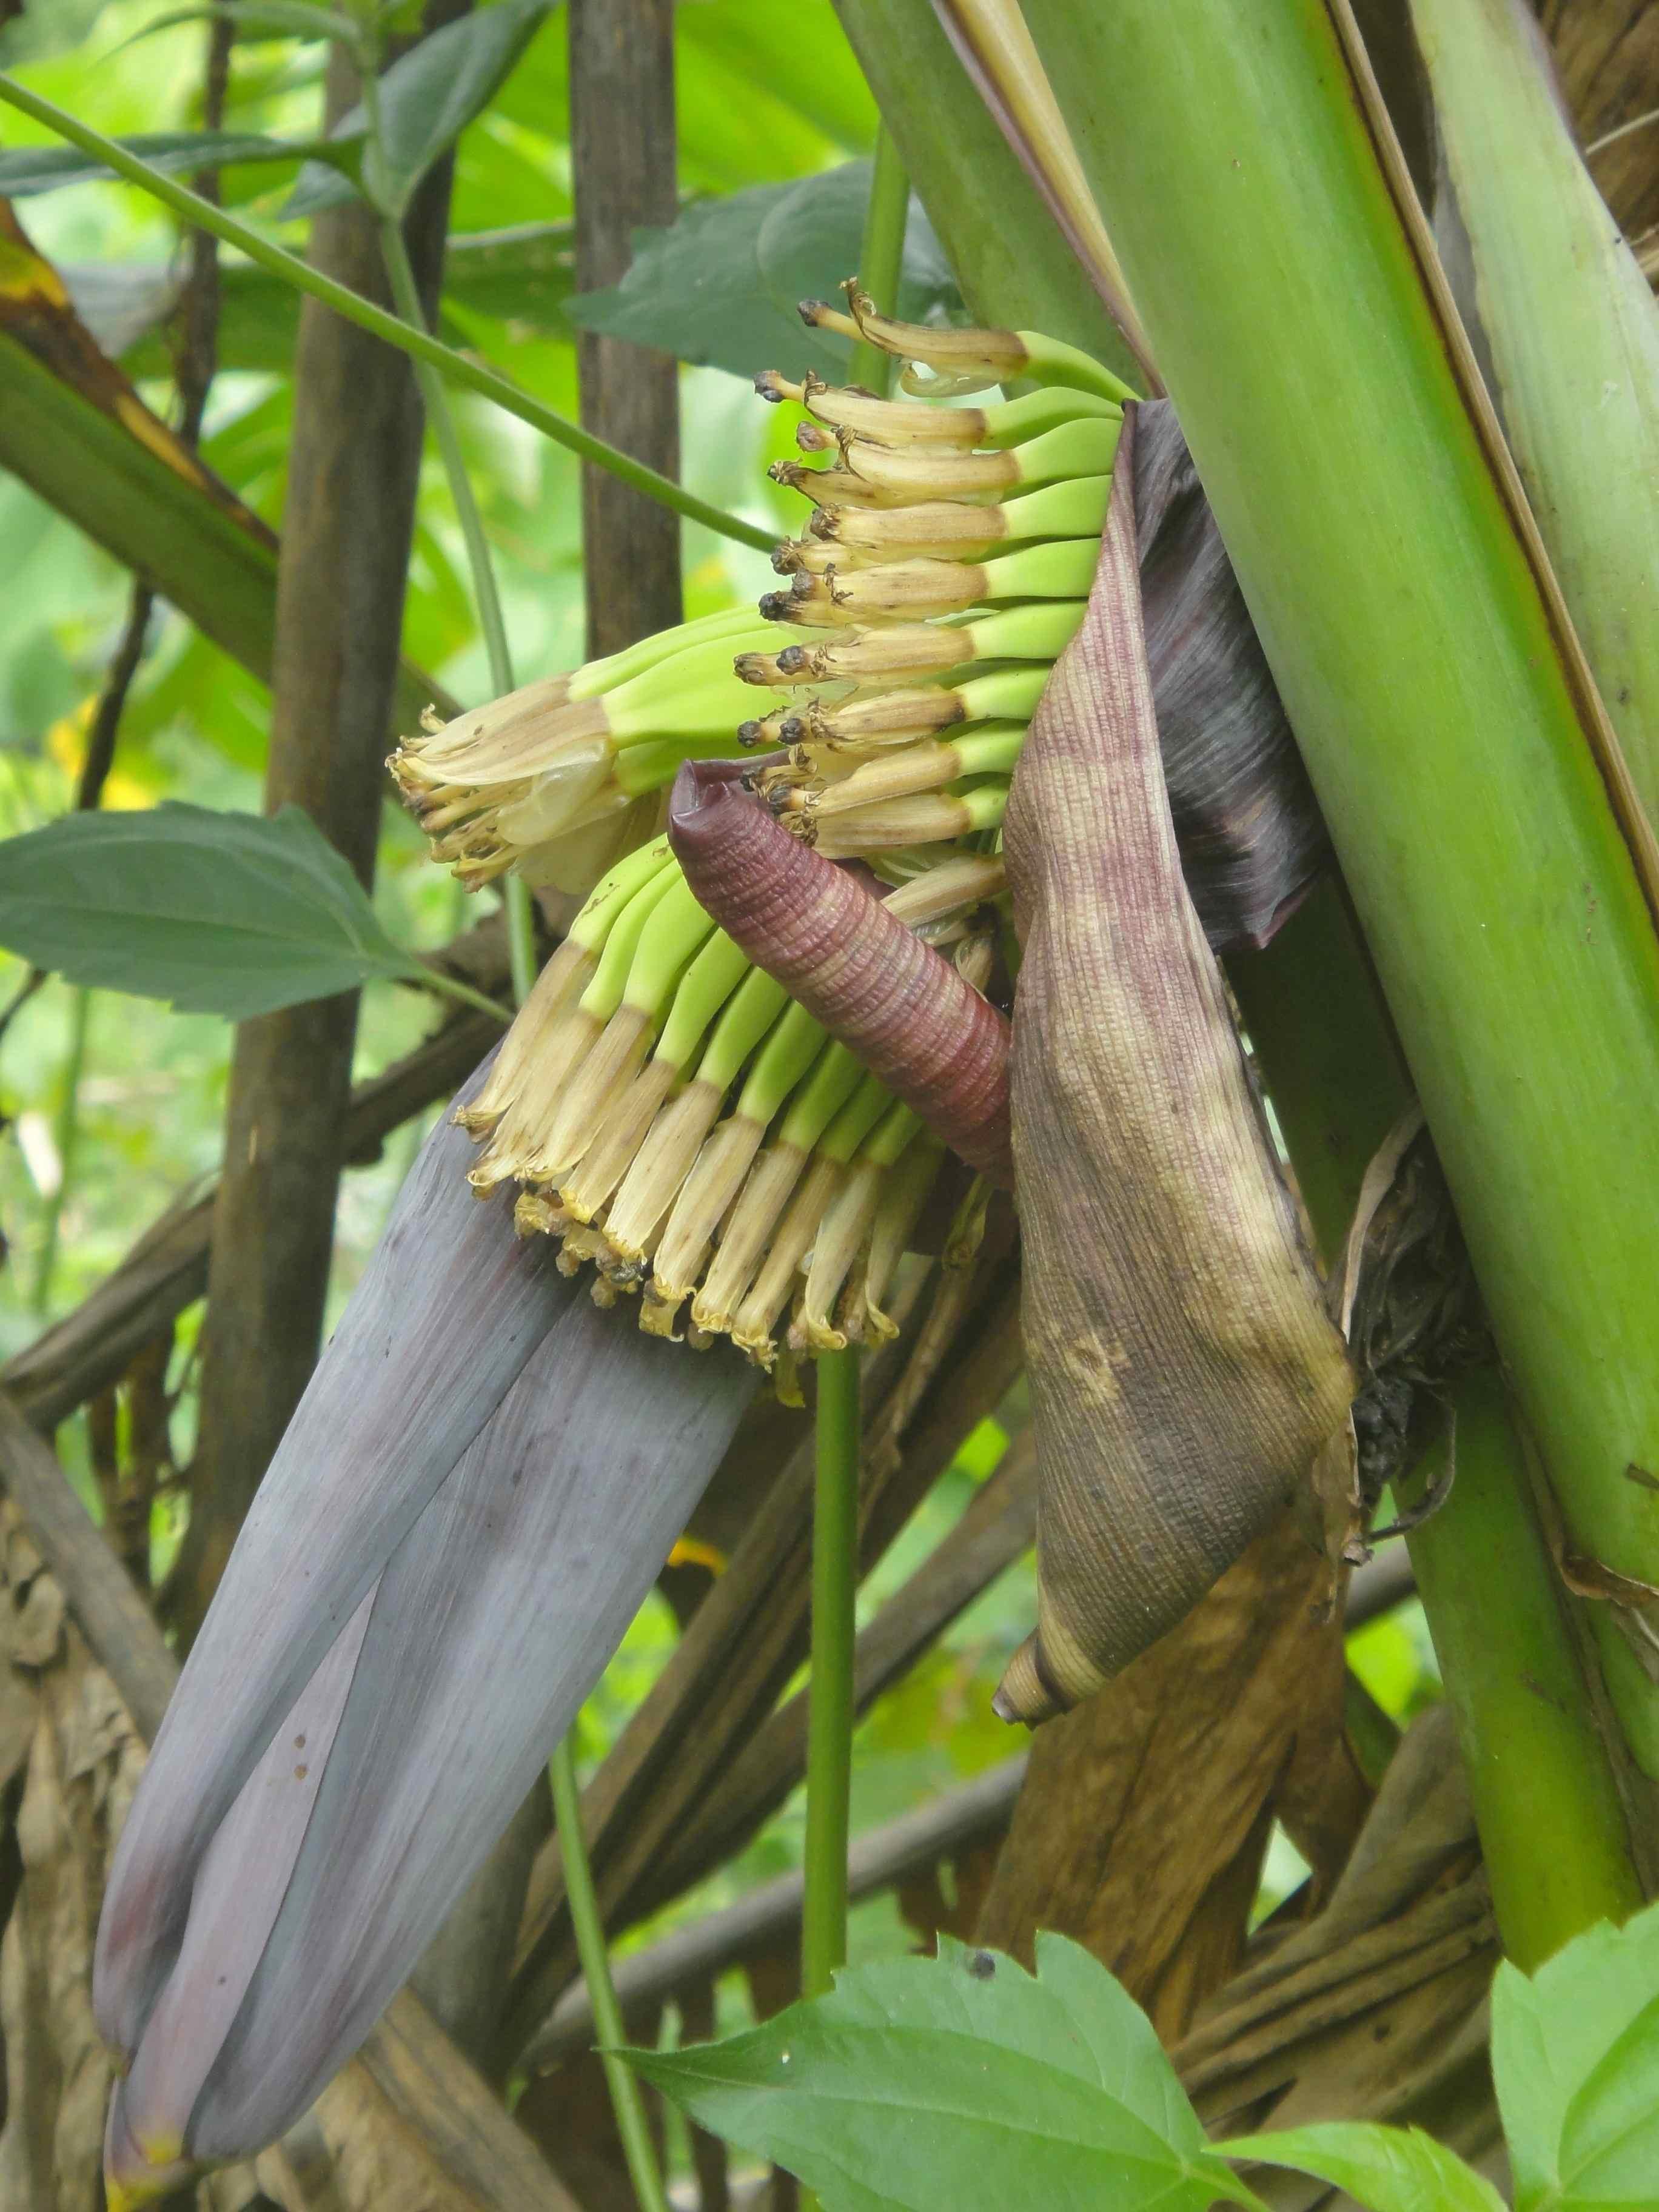 научно-практическая как выглядит настоящий банан фото экономии